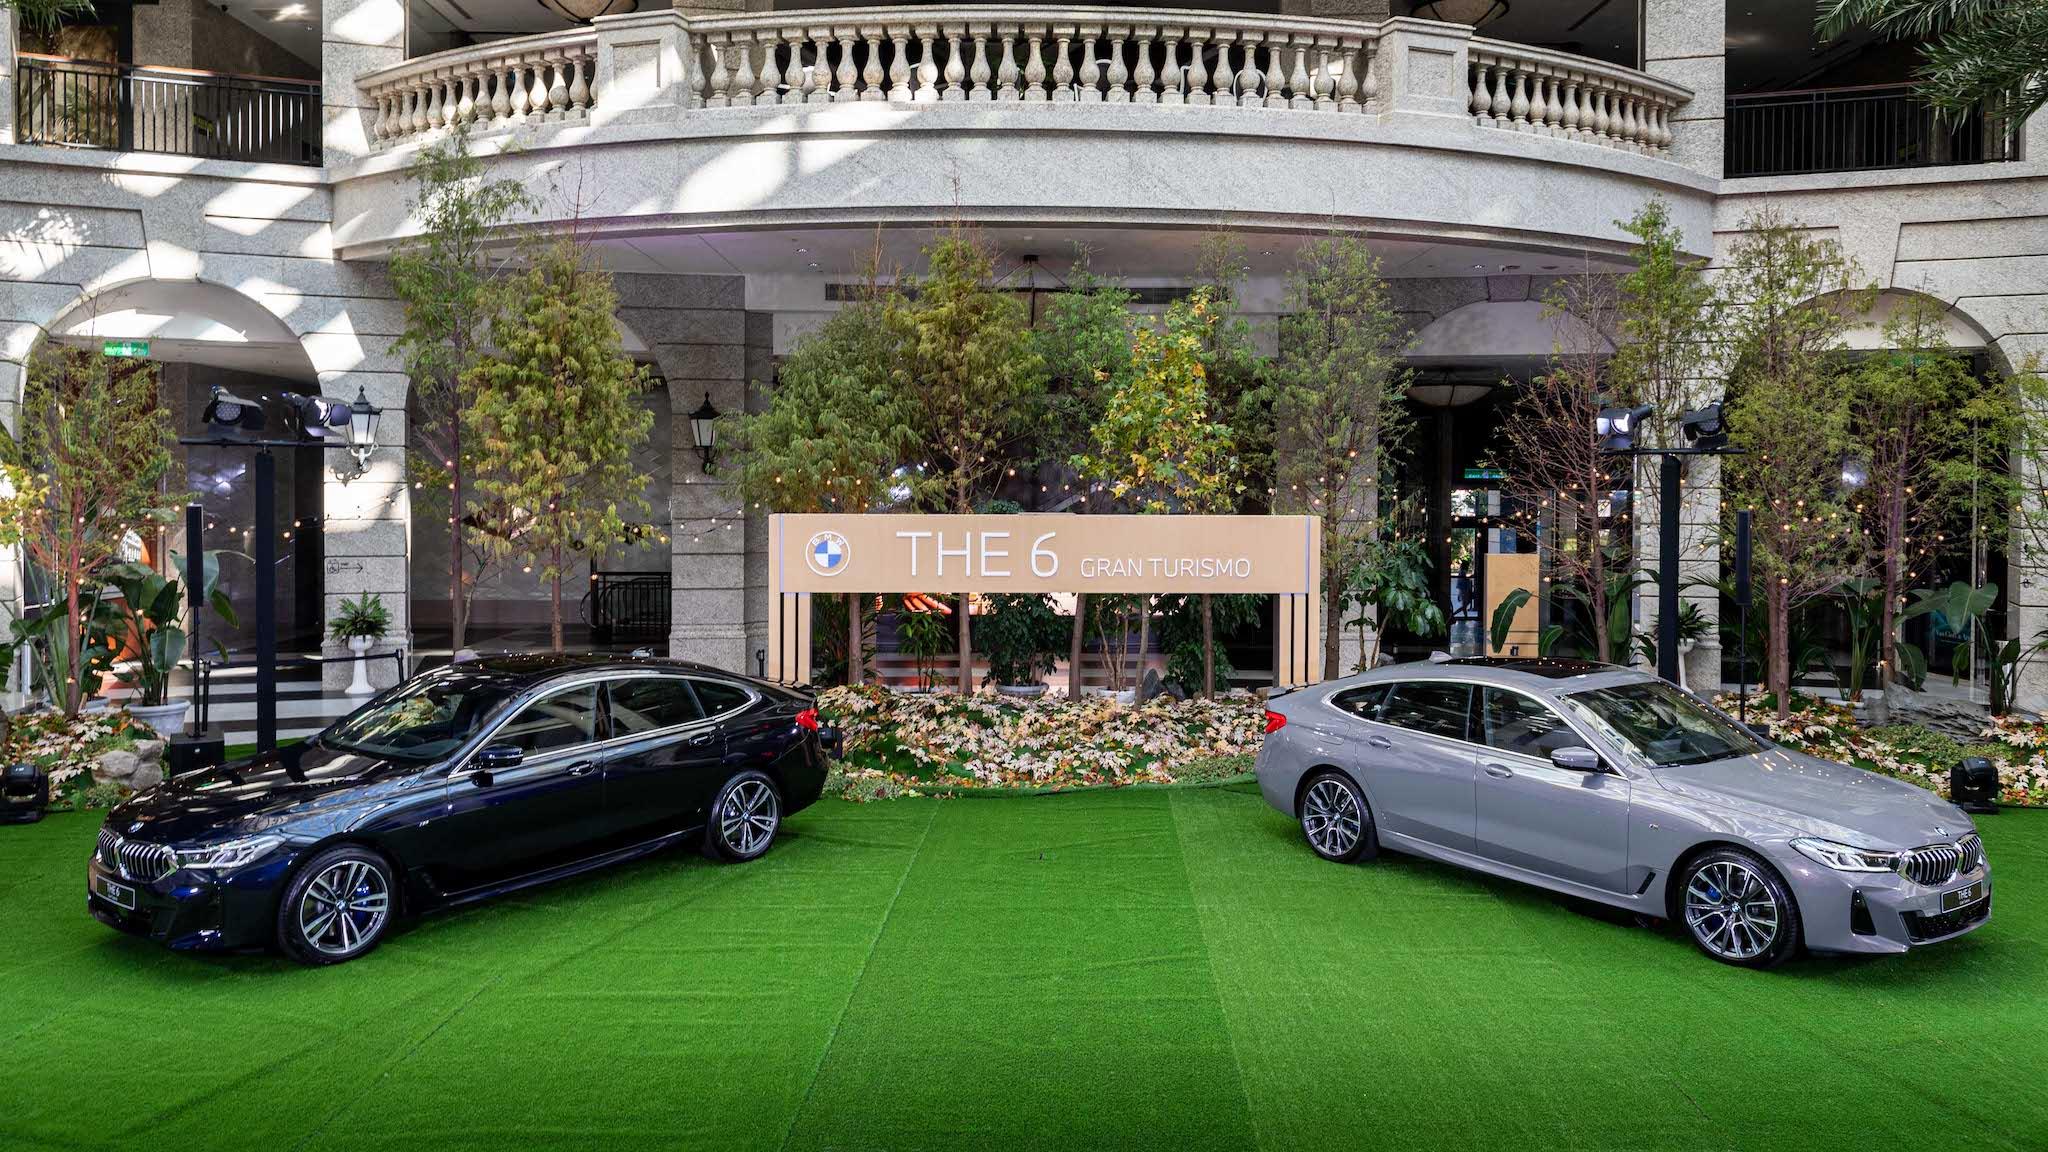 7系列格局、旅行車機能:BMW 6系列Gran Turismo 368 萬登場